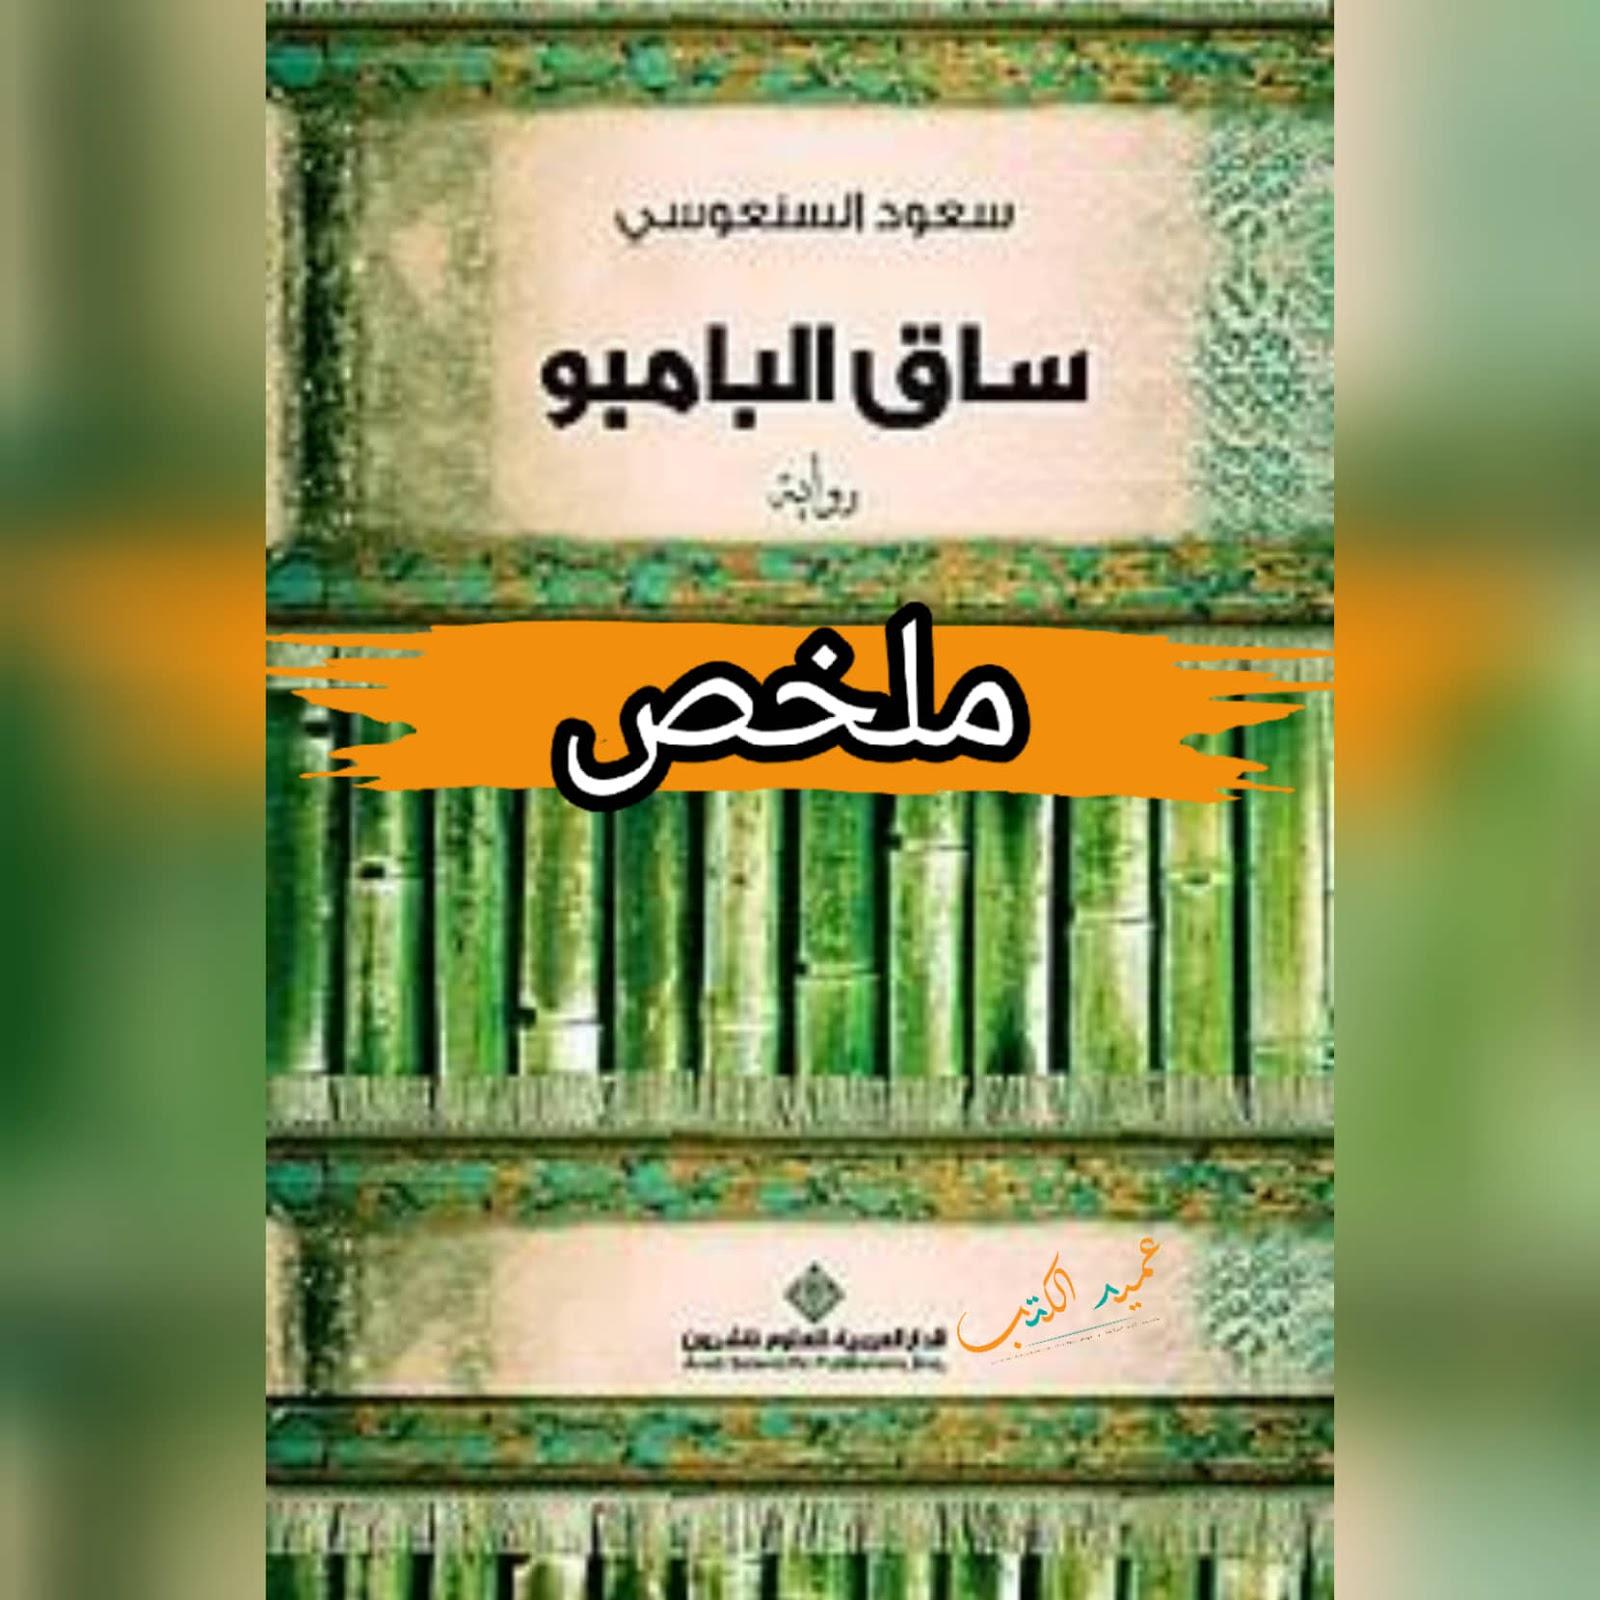 ملخص رواية ساق البامبو PDF   سعود السنعوسي